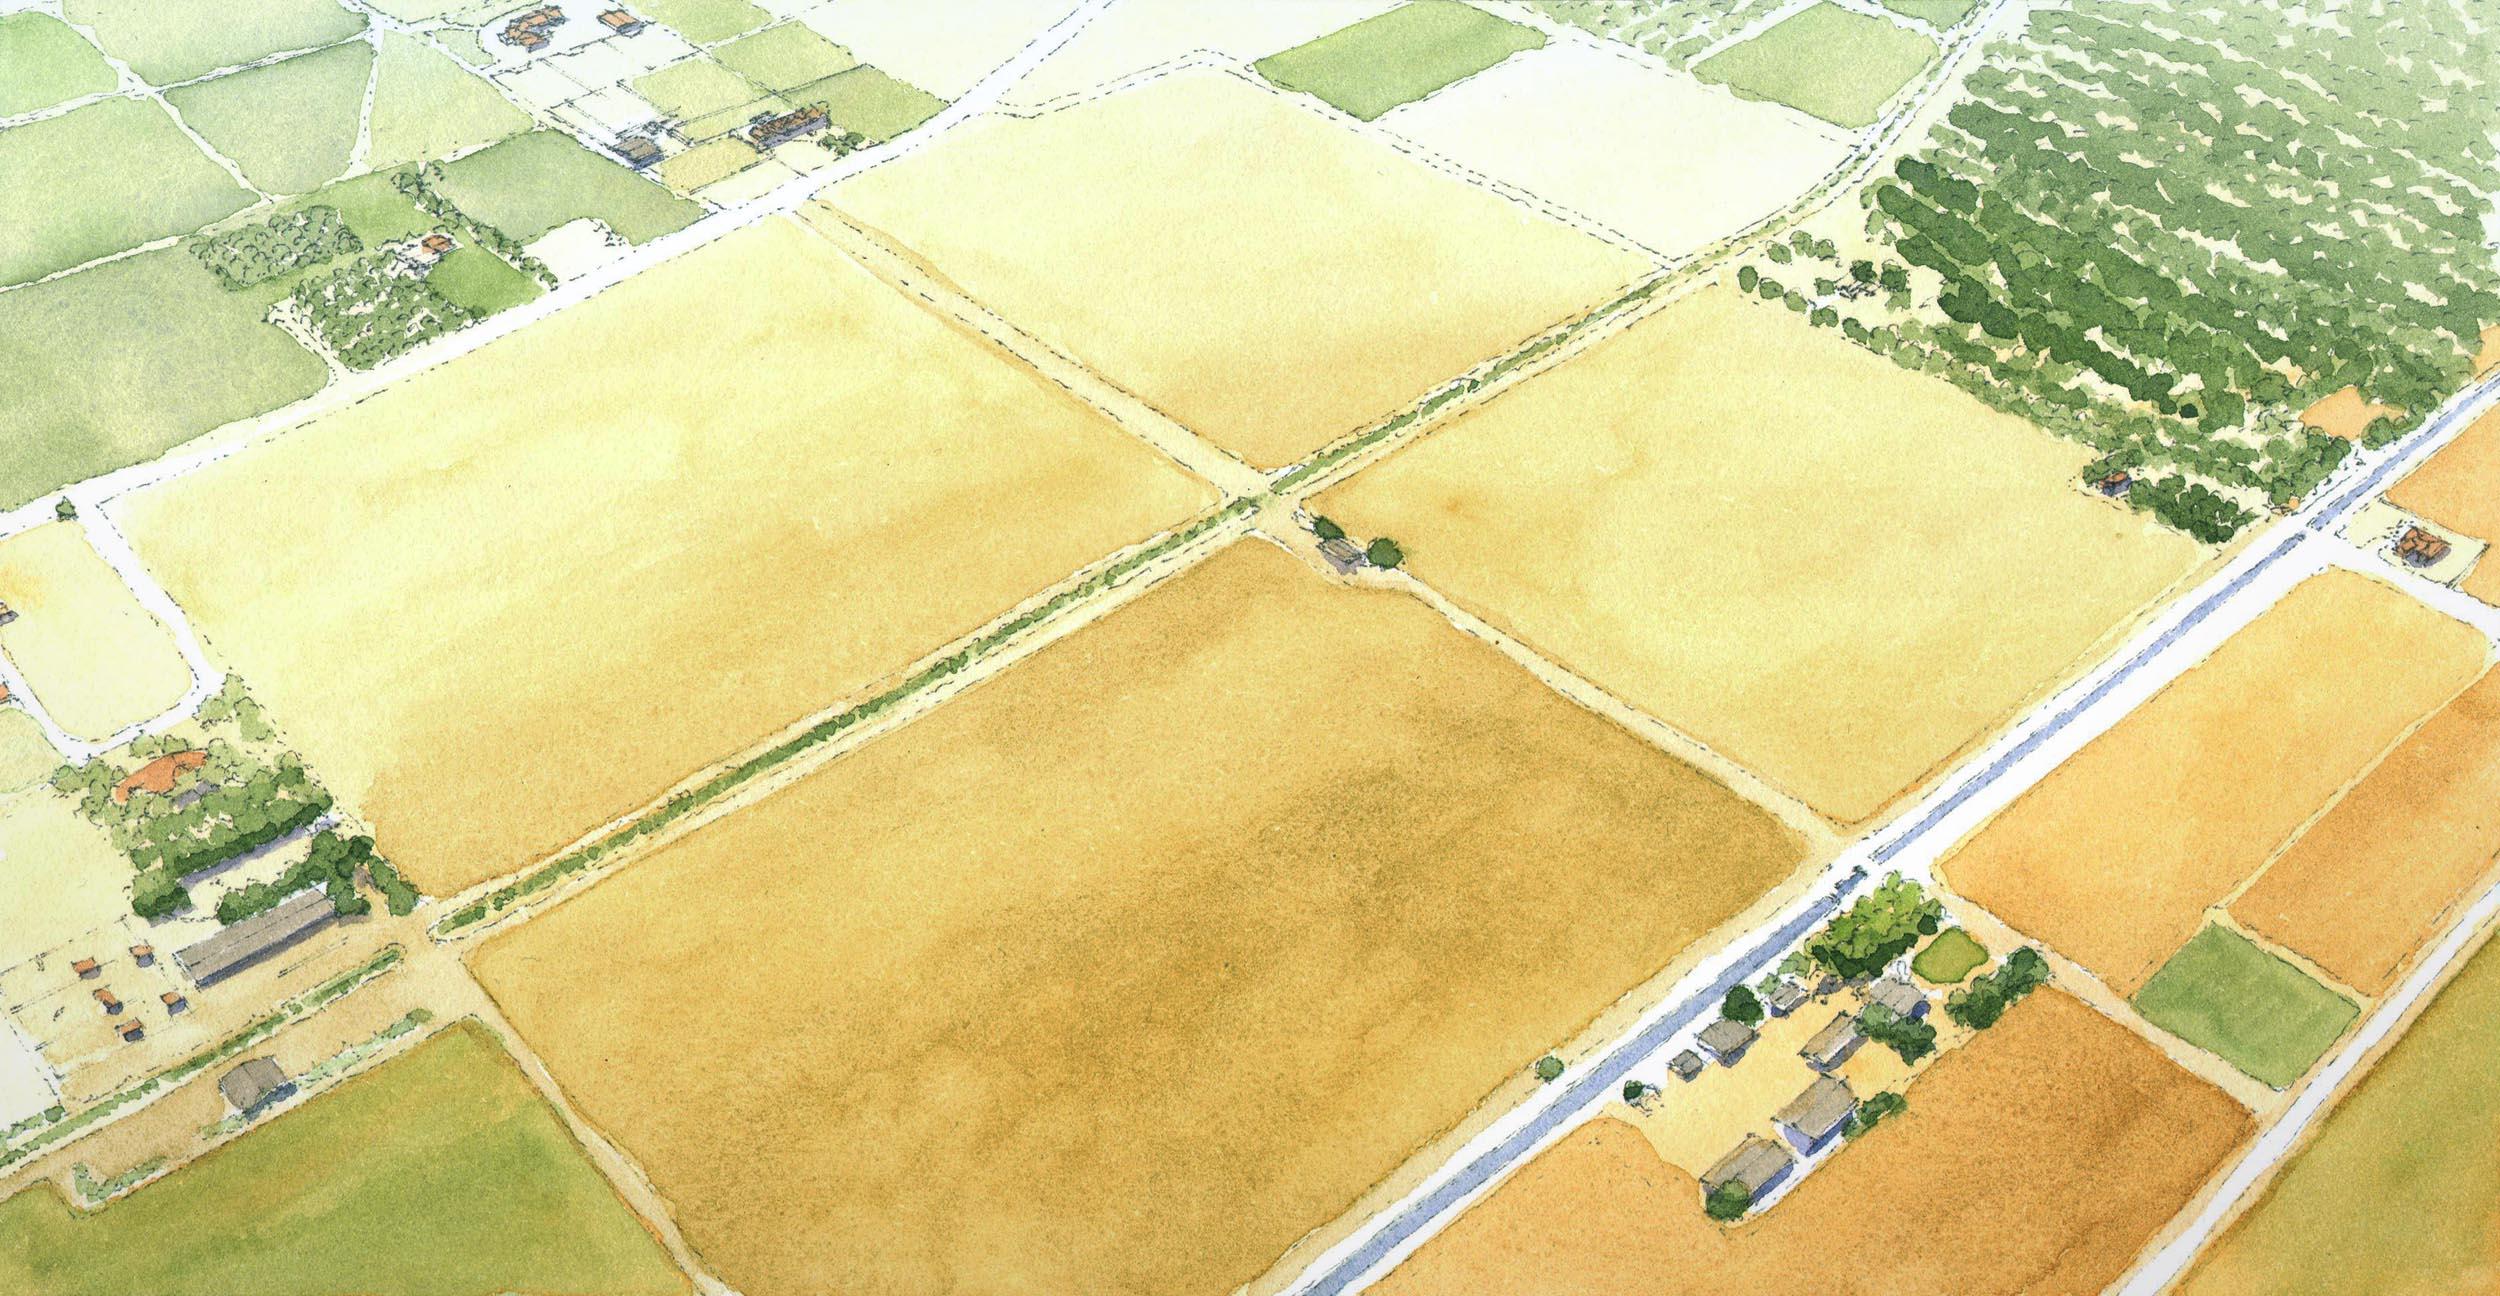 rural lands - existing